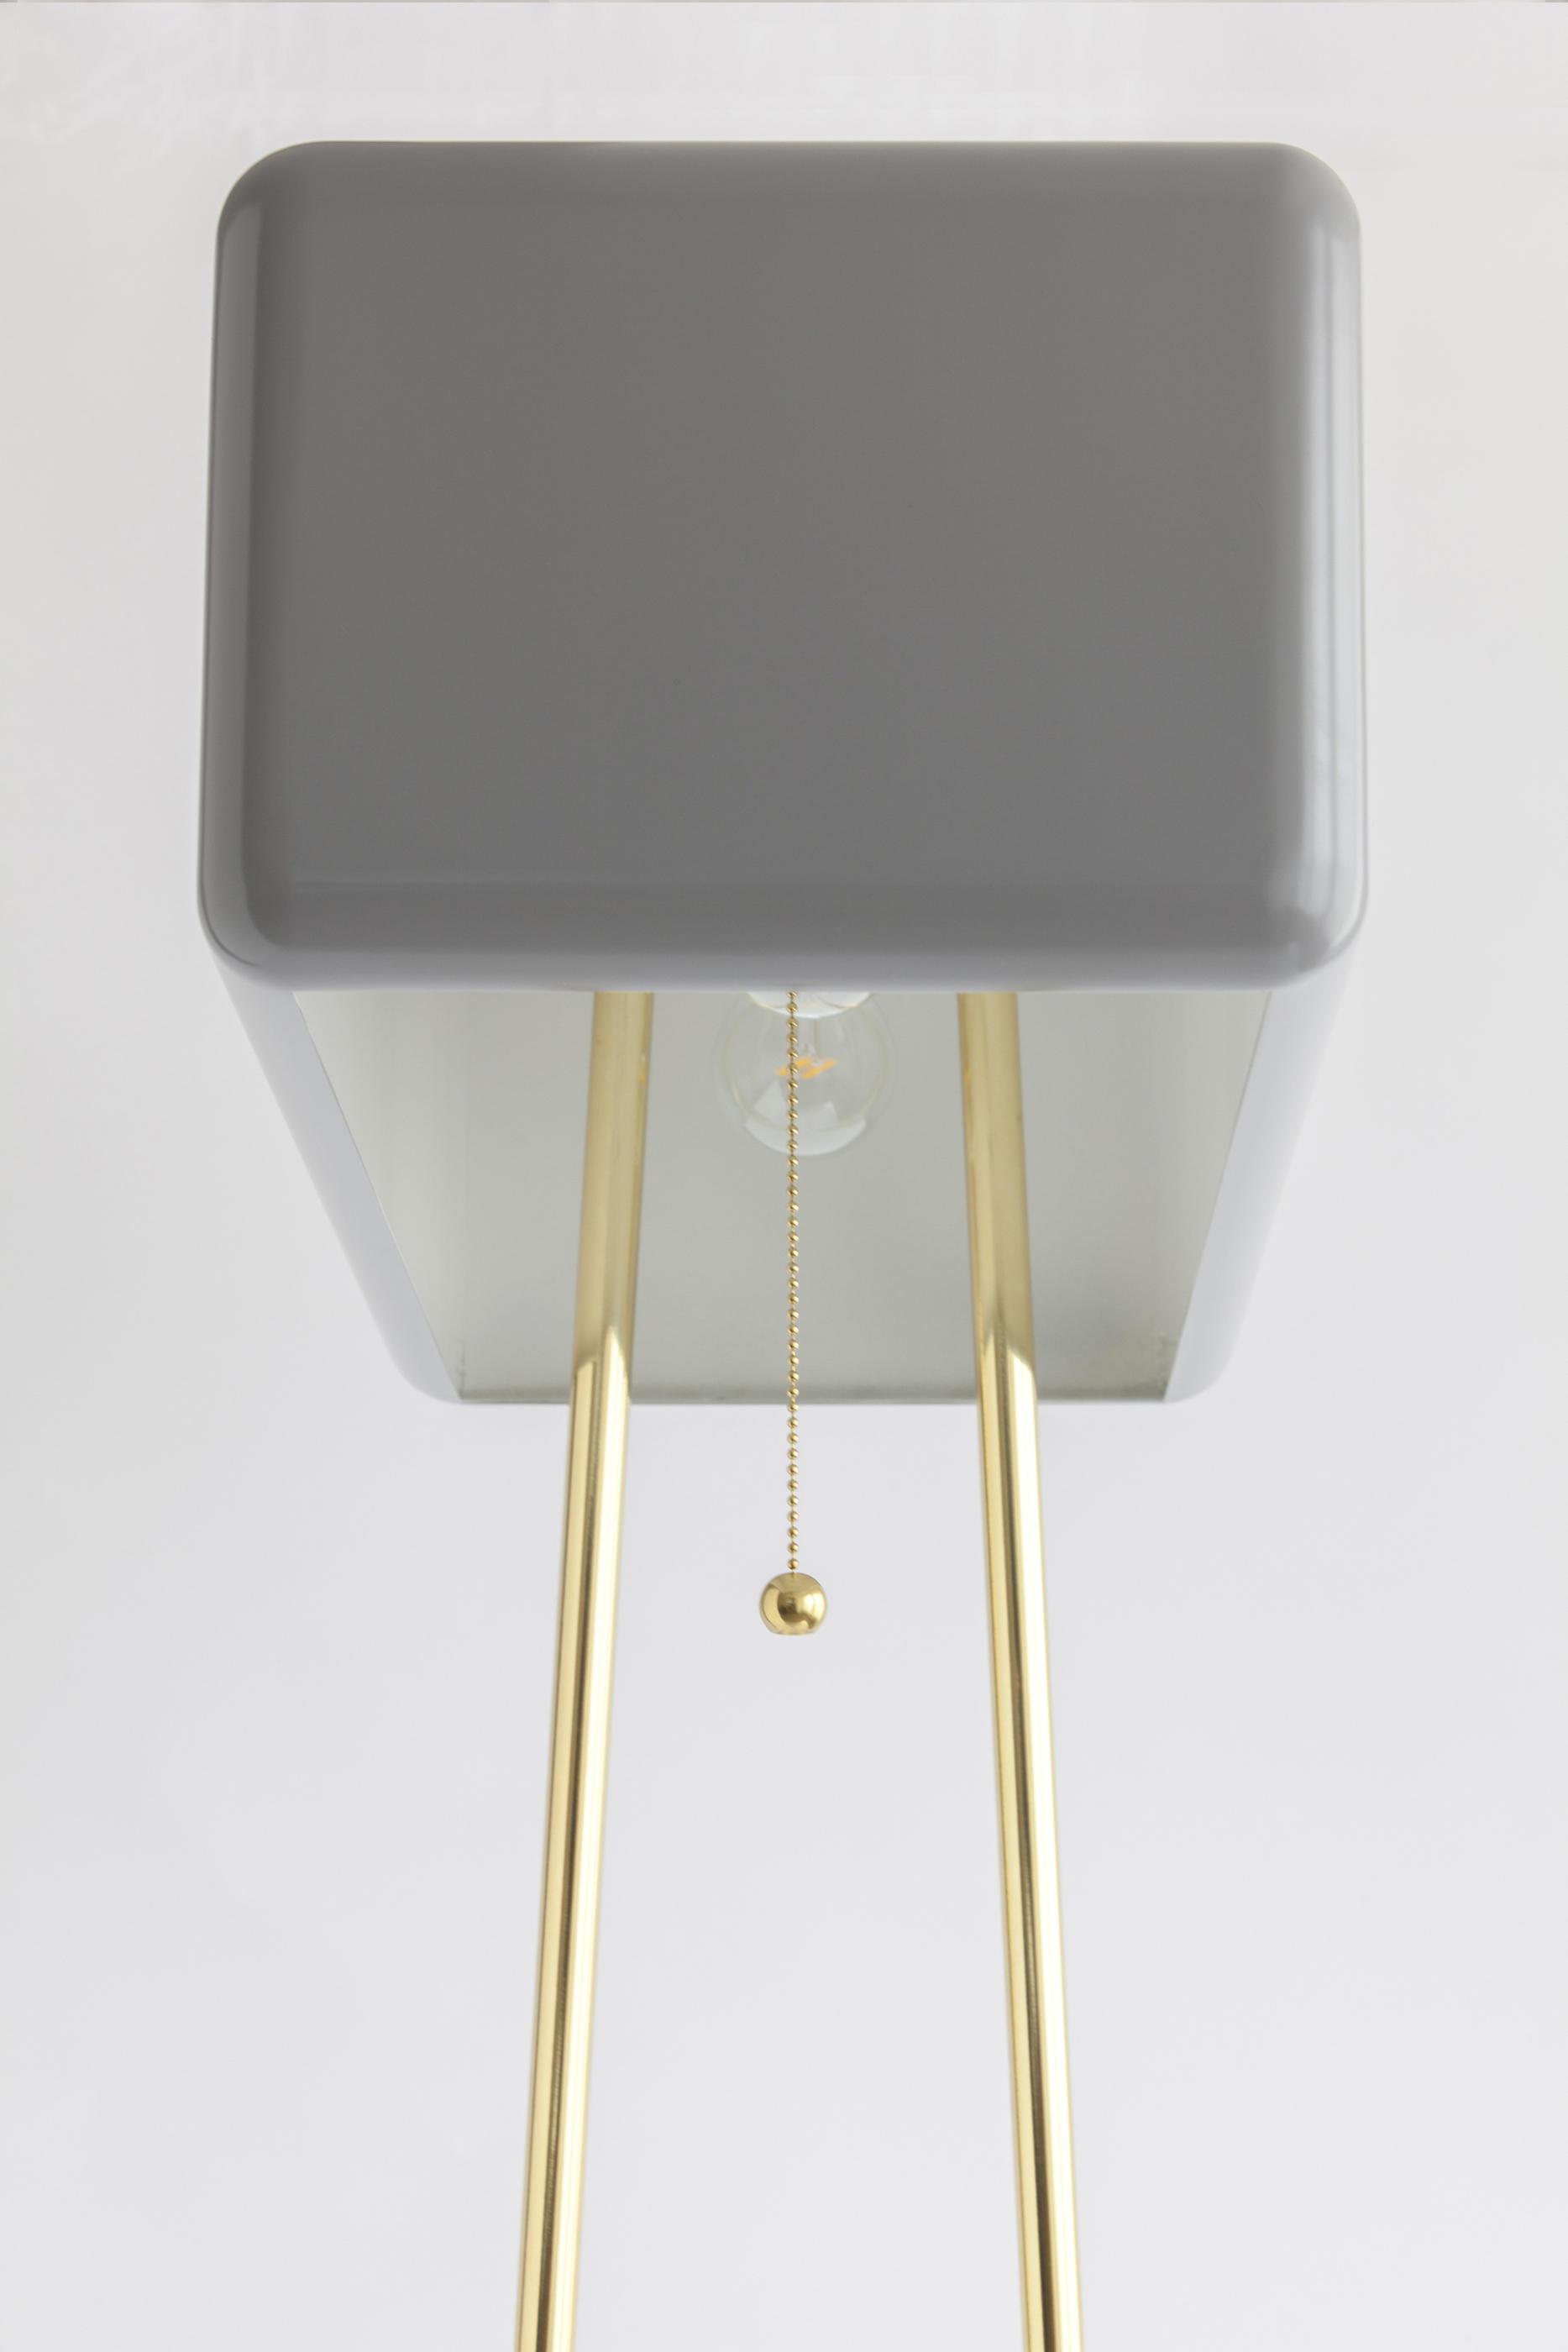 Toffoli Led Floor Lamp General Lighting From Imamura